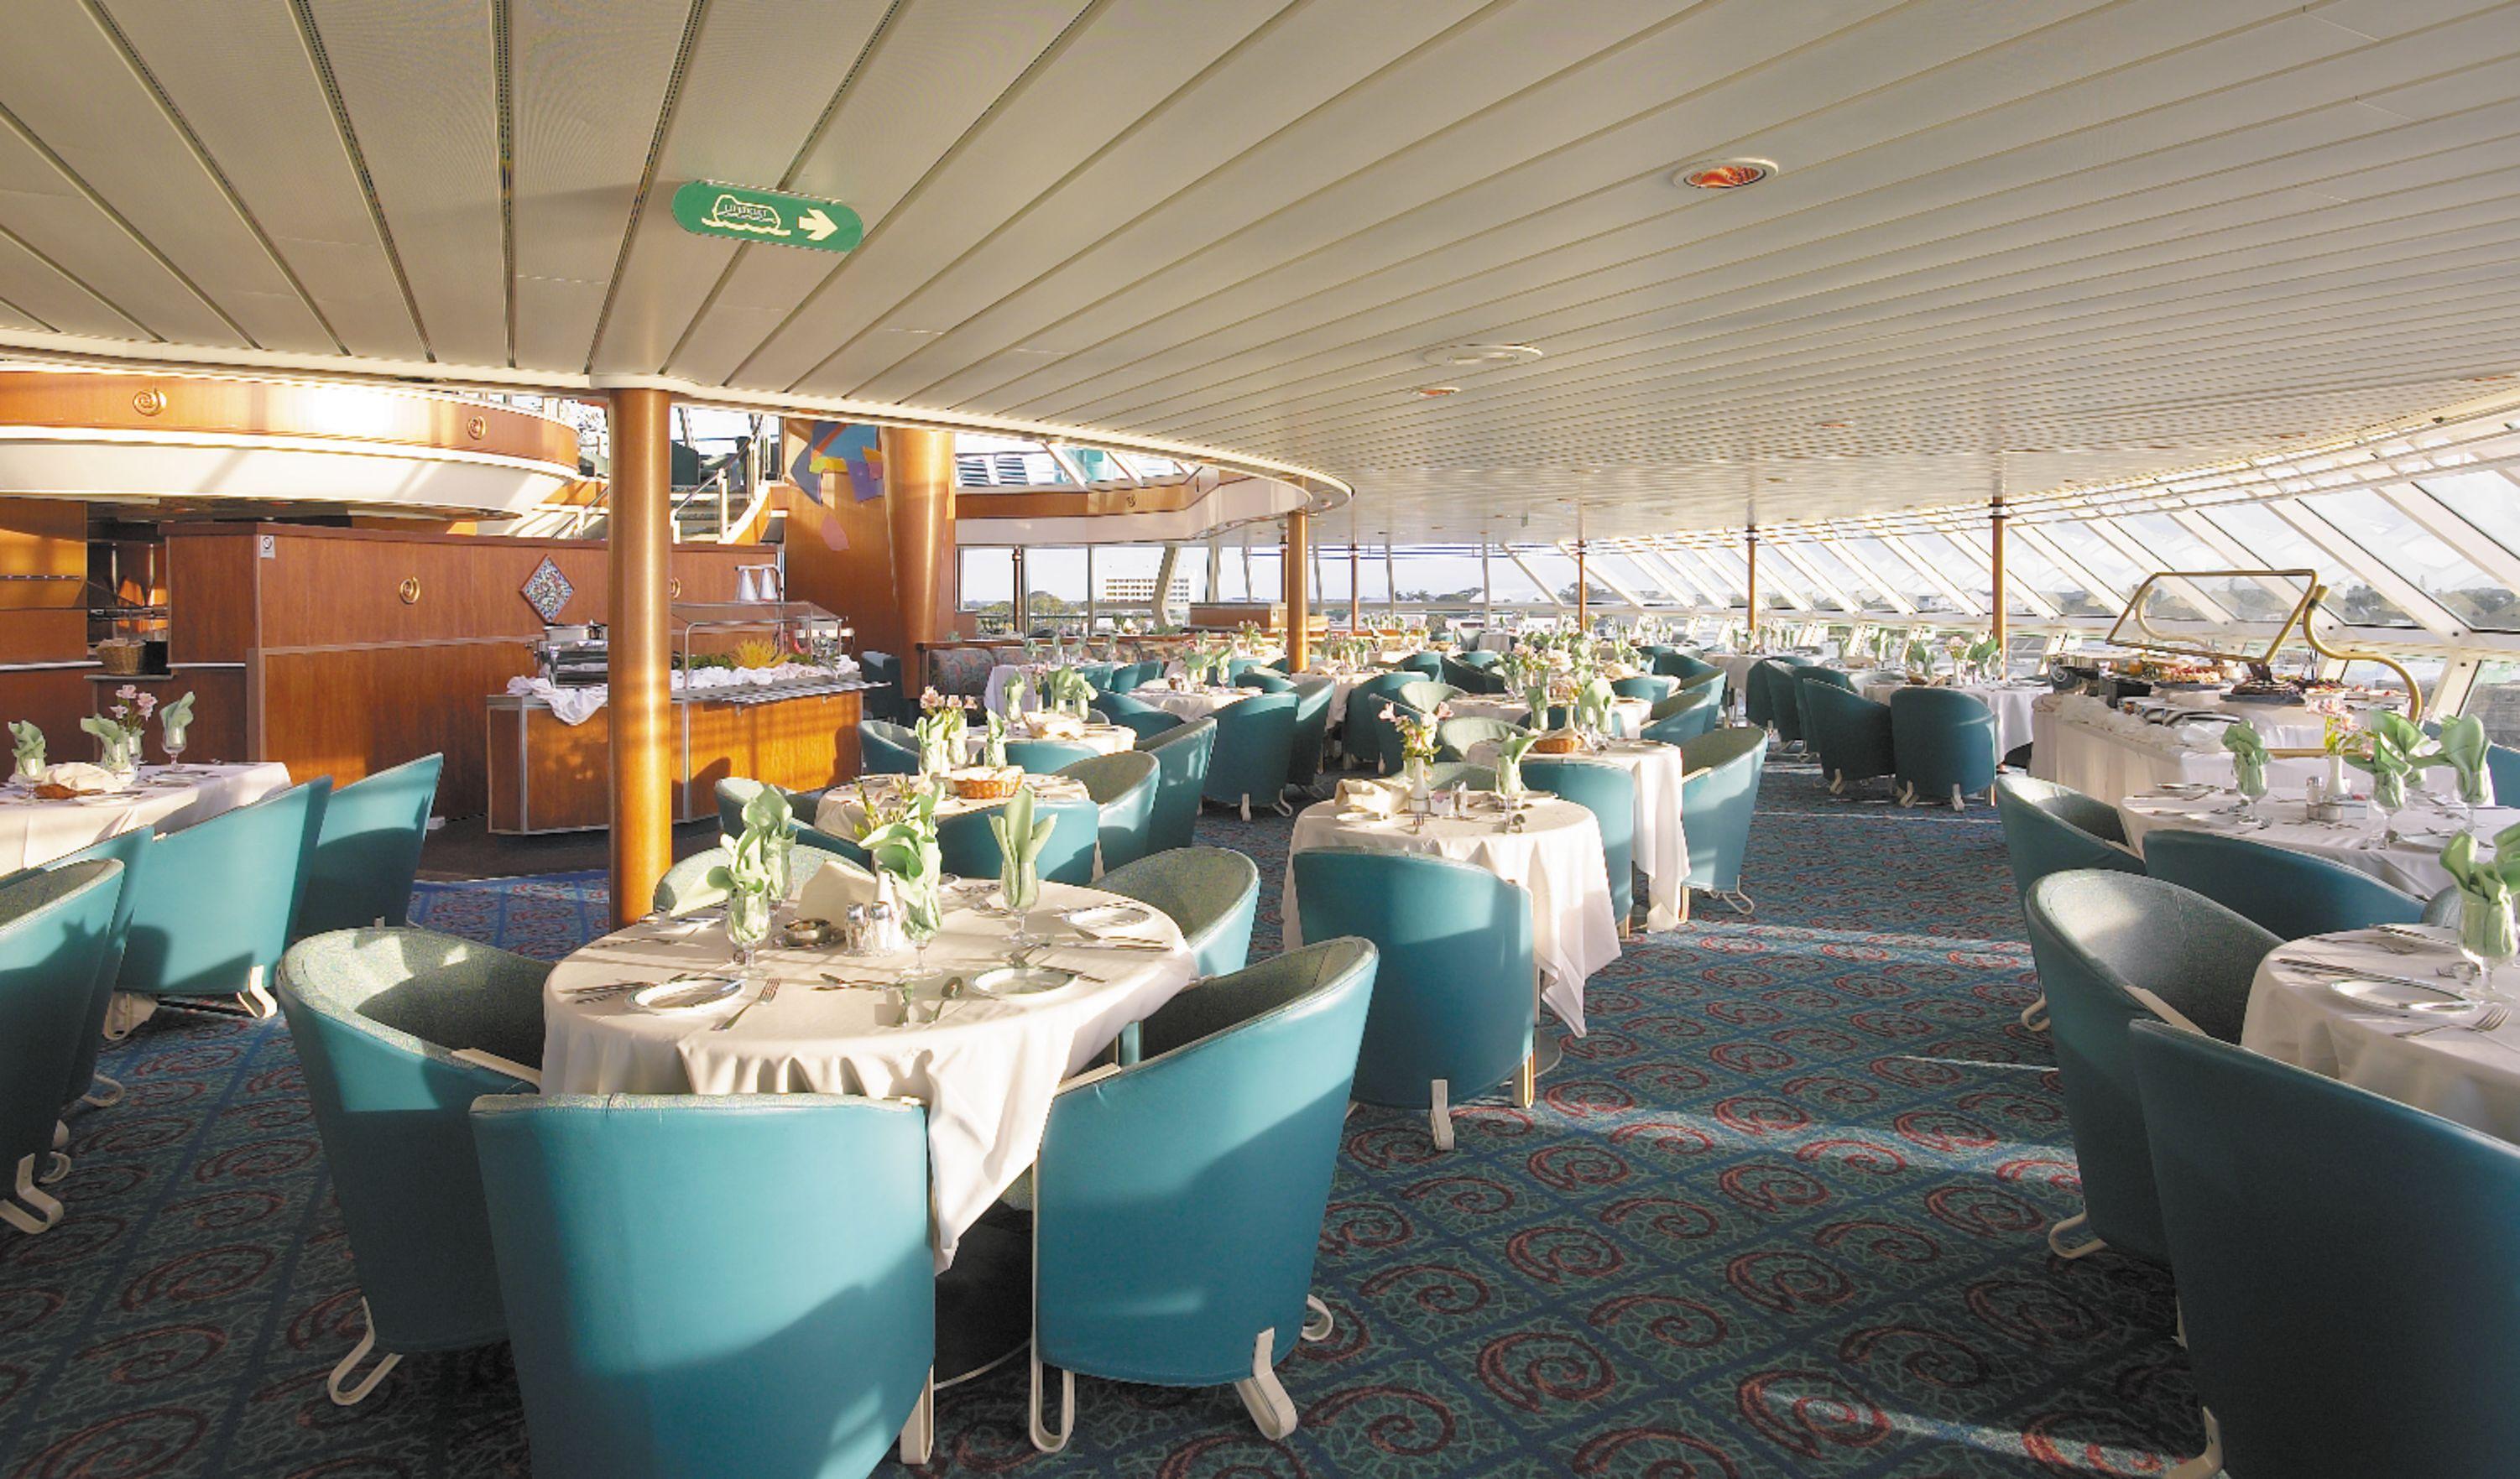 帆船自助餐厅 Windjammer Cafe